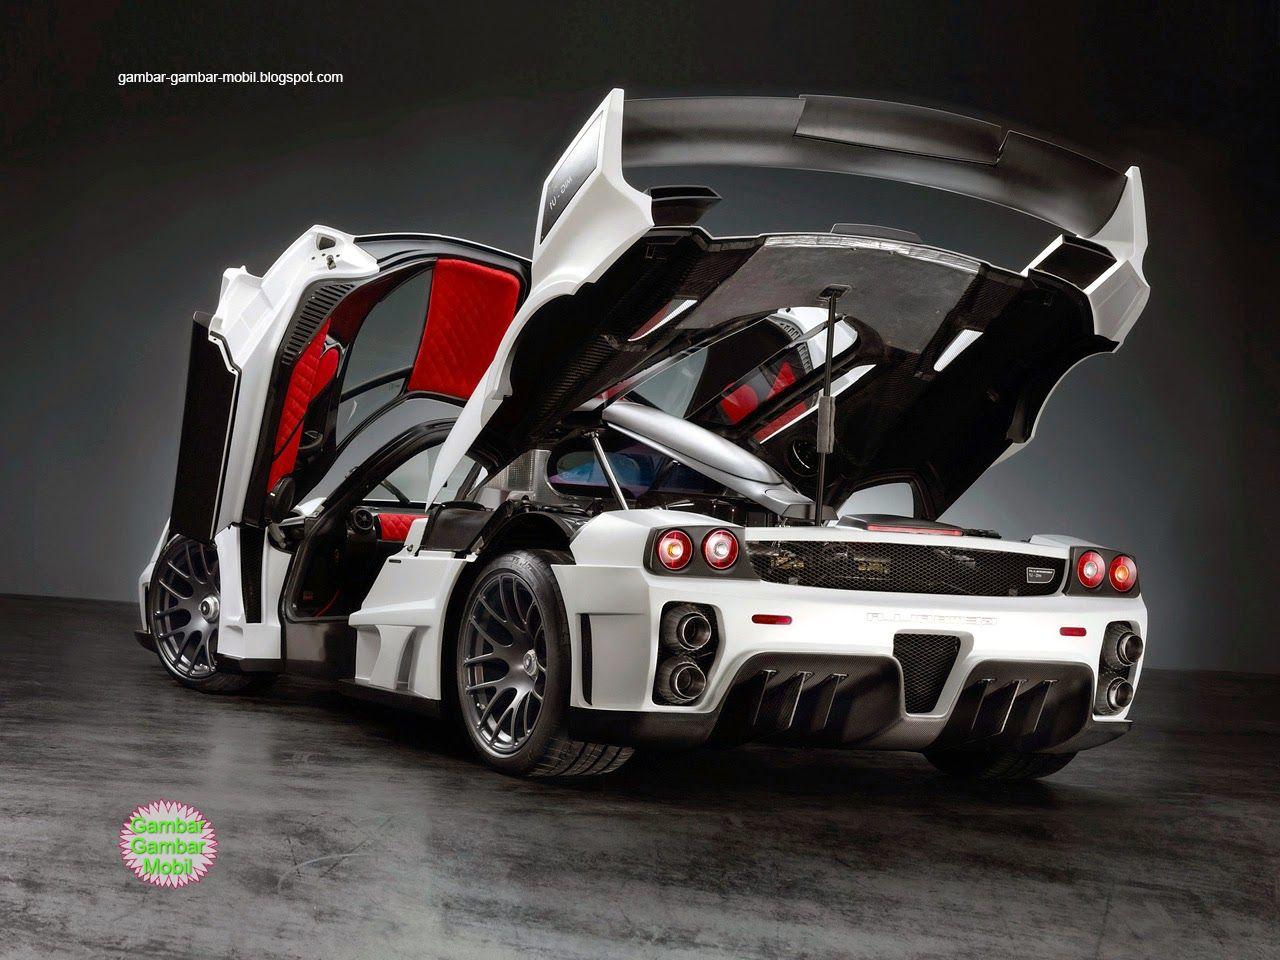 Gambar Mobil Modifikasi Gambar Gambar Mobil Modifikasi Mobil Mobil Modifikasi Lamborghini Gallardo